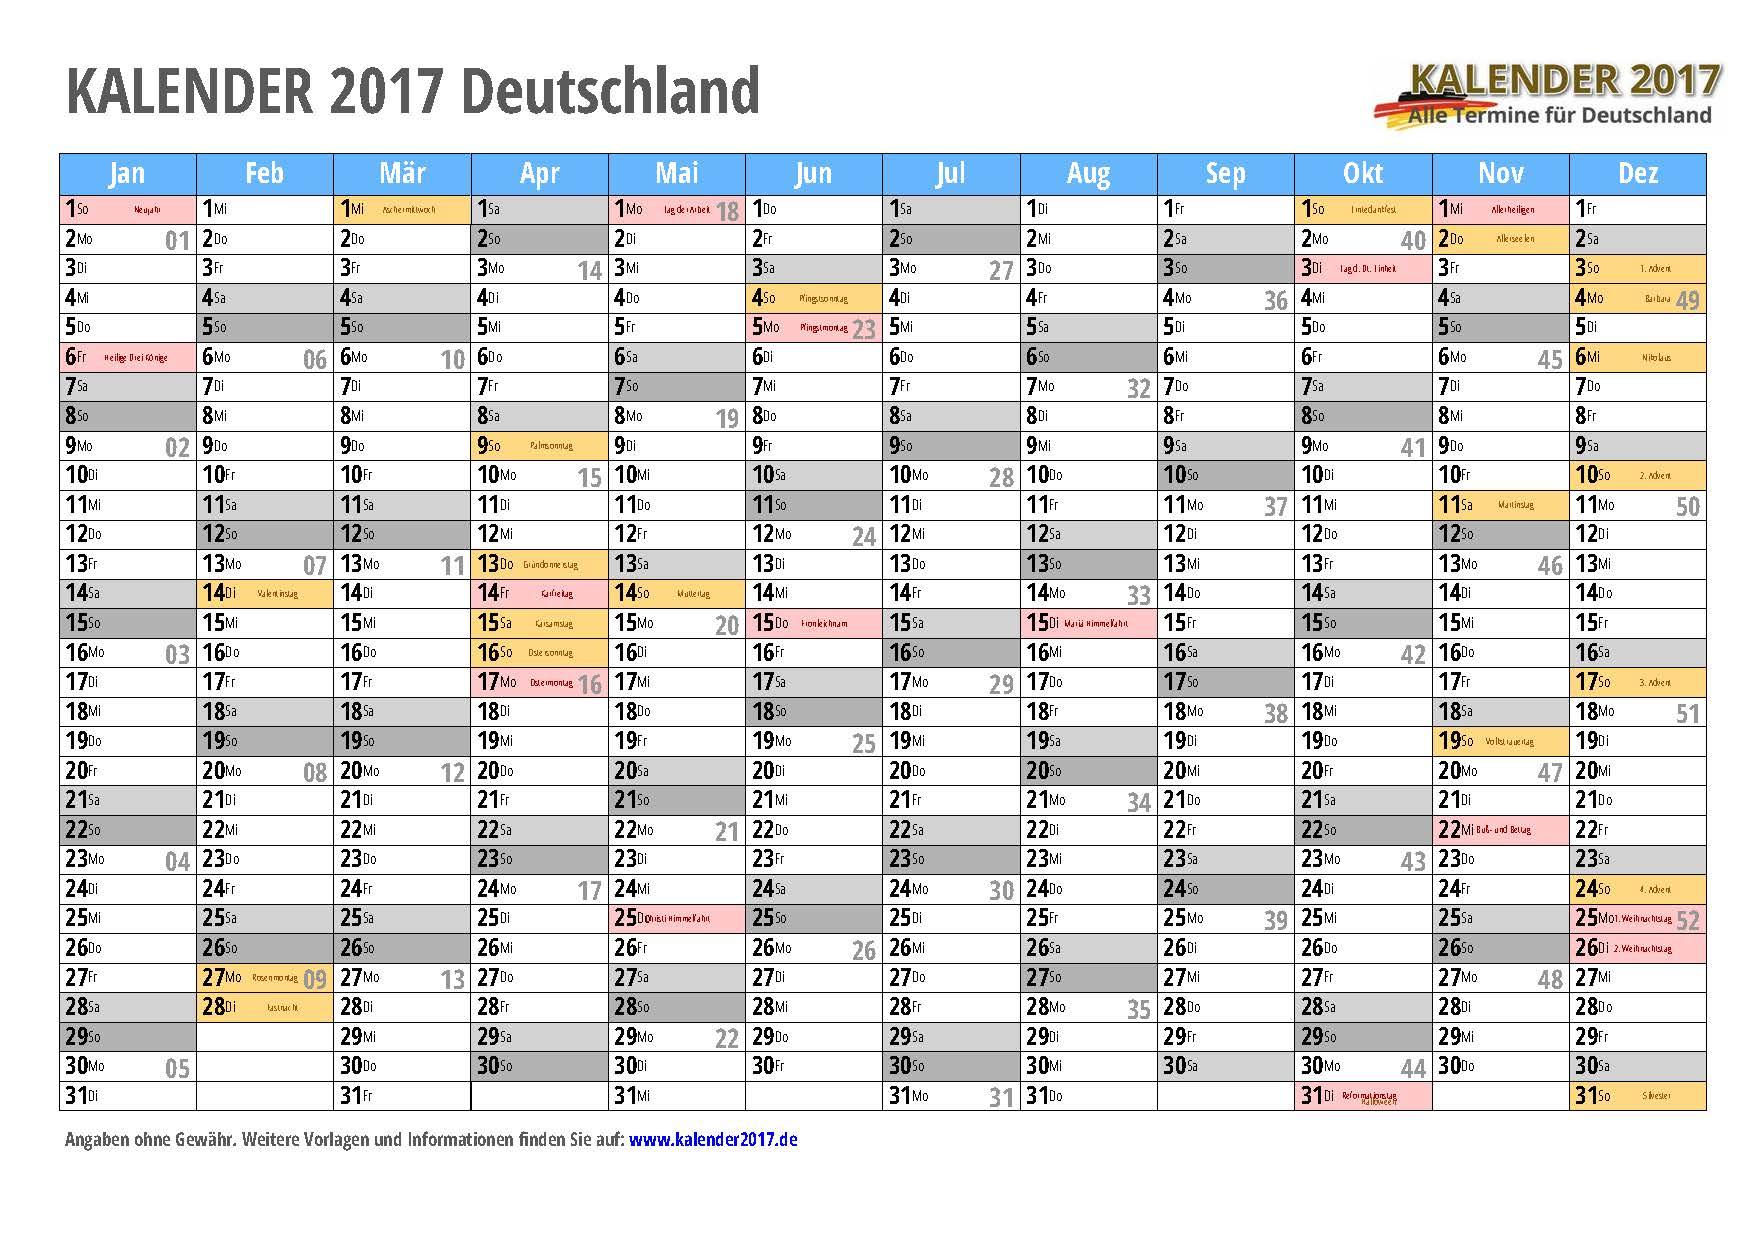 KALENDER 2017 zum Ausdrucken  PDFVorlagen